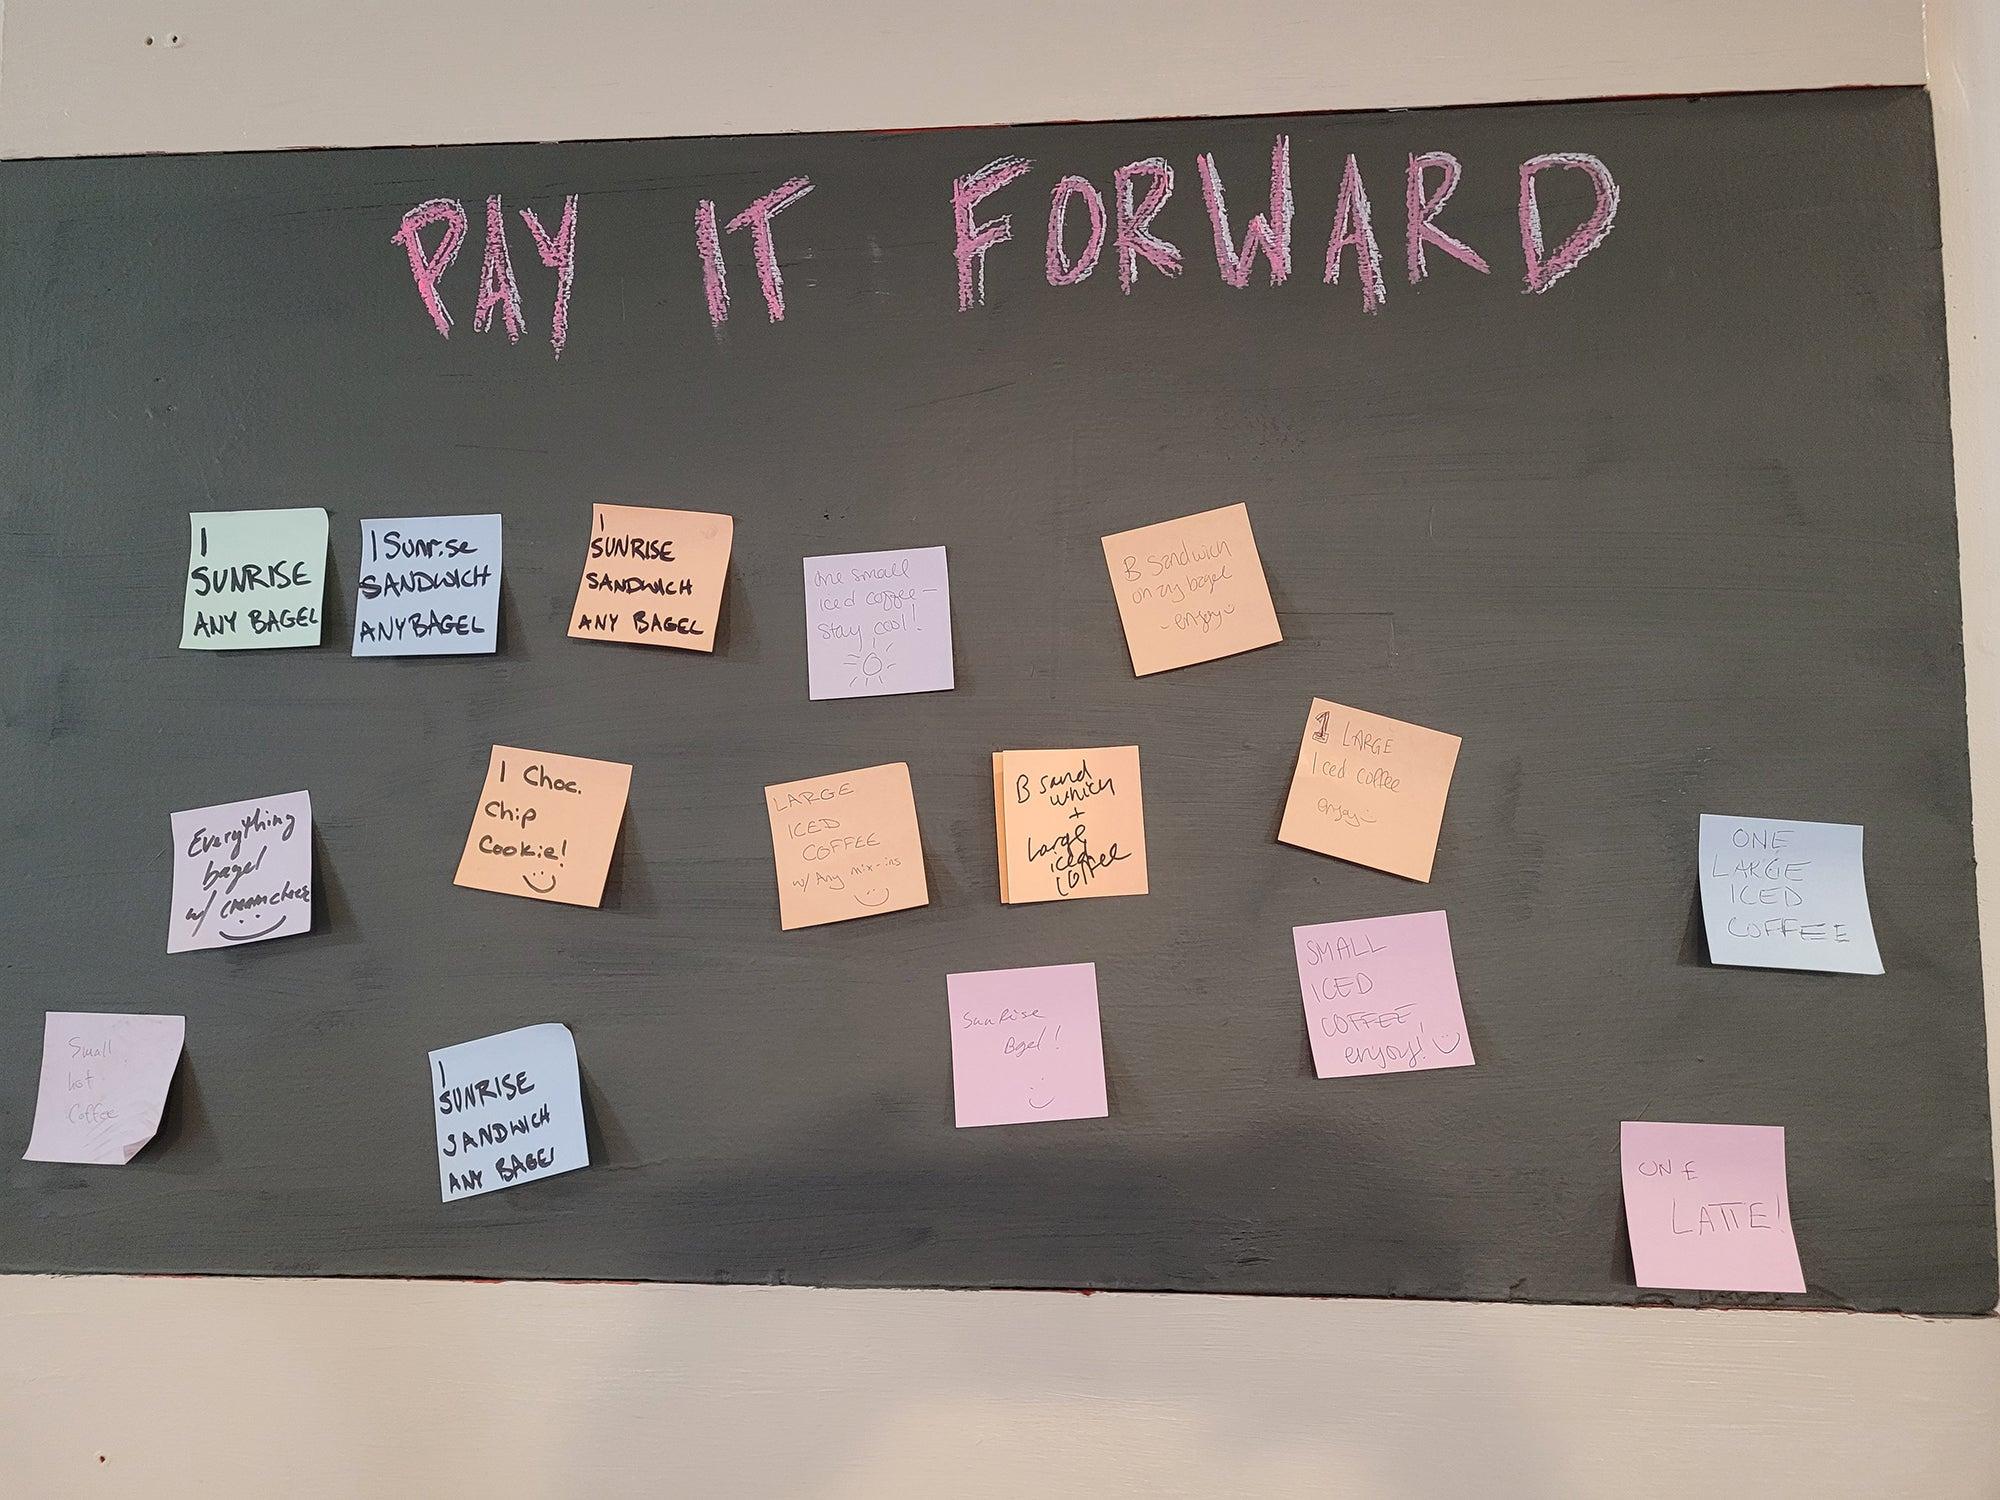 Pay It Forward wall at Ula Cafe